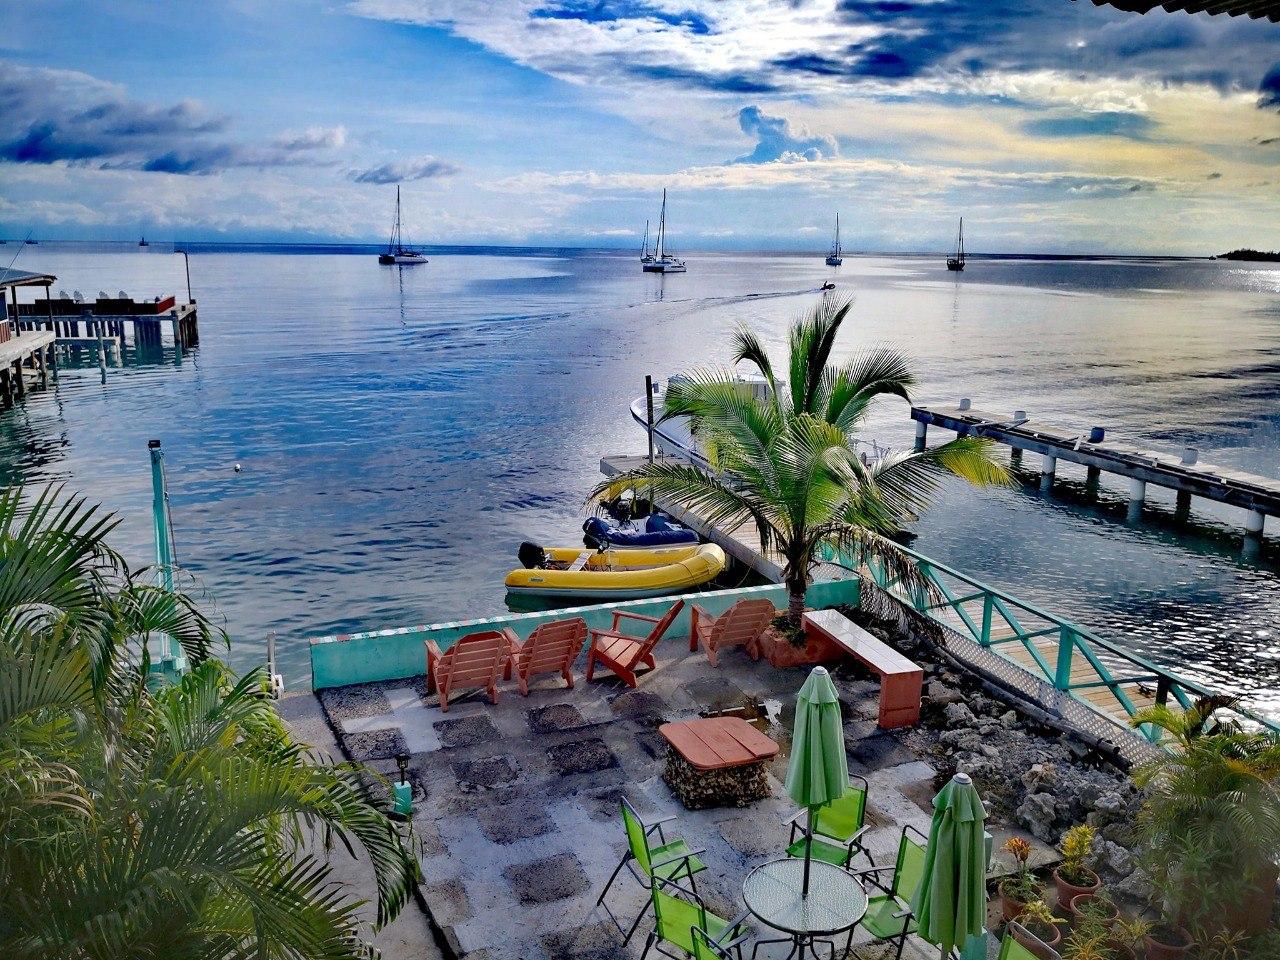 Hotel Útila con aquacinema en Sandy Bay